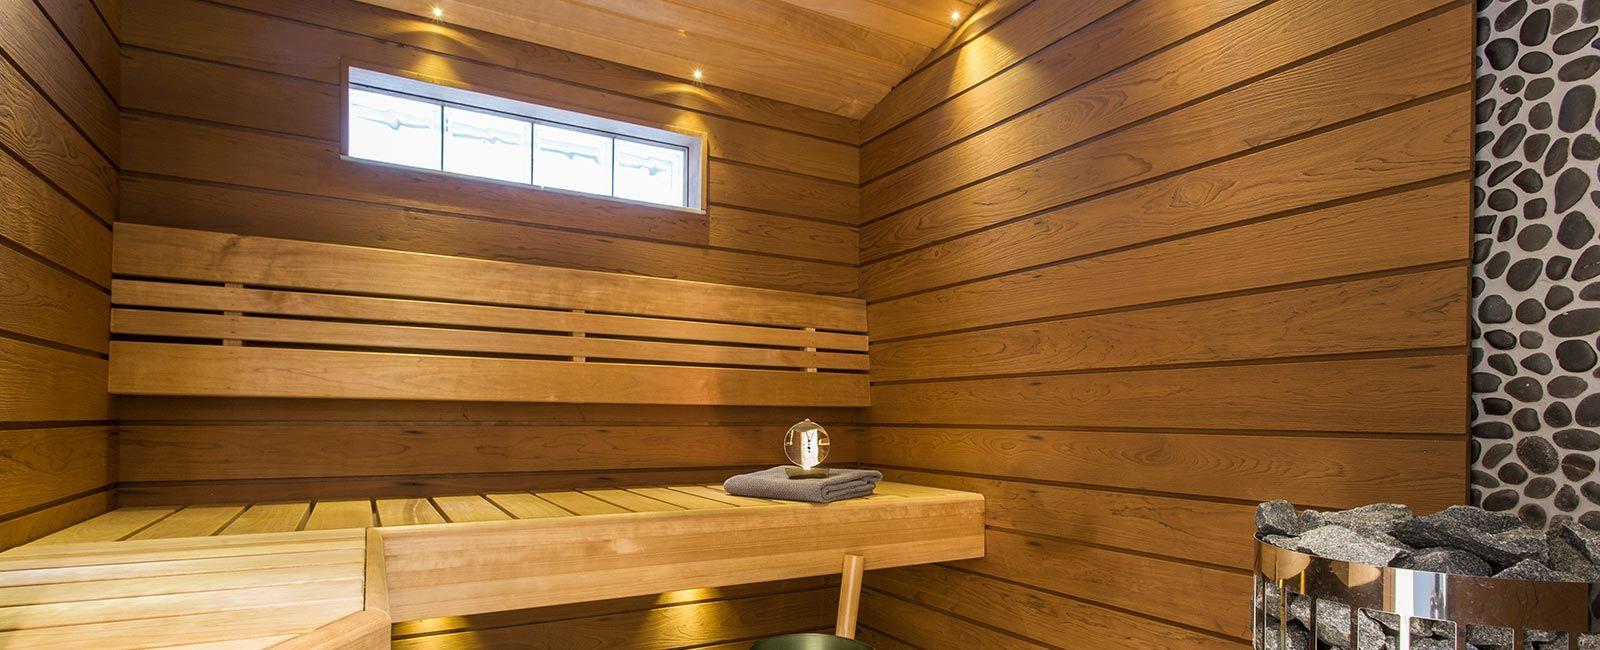 Saunan seinien ja lauteiden käsittely saunavahalla